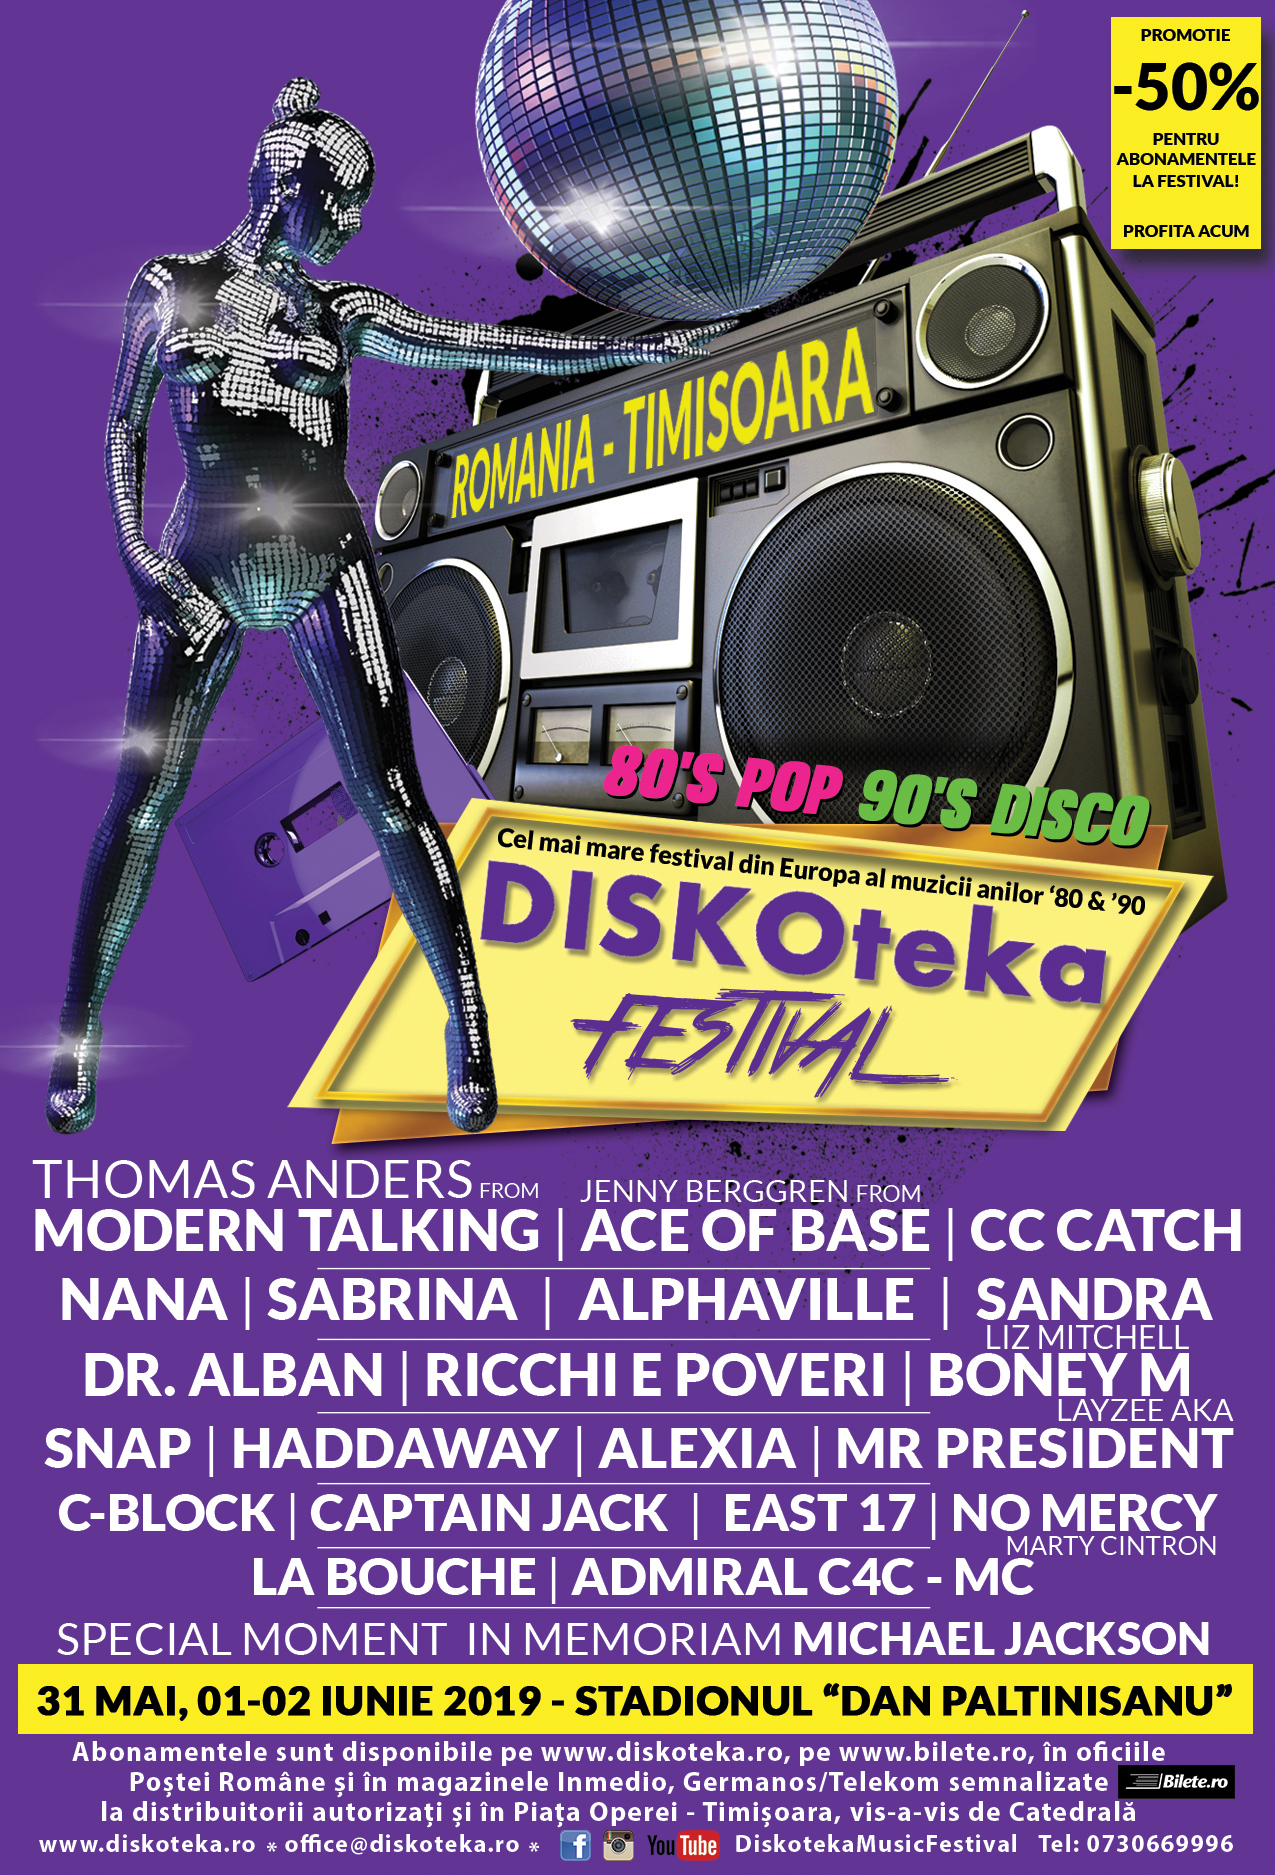 NEBUNIE, la Timişoara! 1.500.000 de euro buget pentru Diskoteka Festival! 50 de vedete ale anilor '80 – '90, 5 scene, trei zile de concerte pe stadion